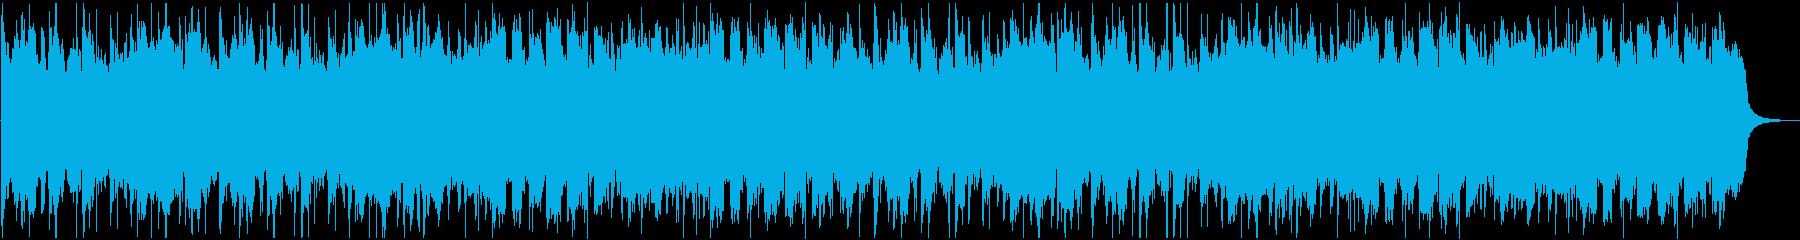 和風な温泉村っぽいBGM(2ループ)の再生済みの波形